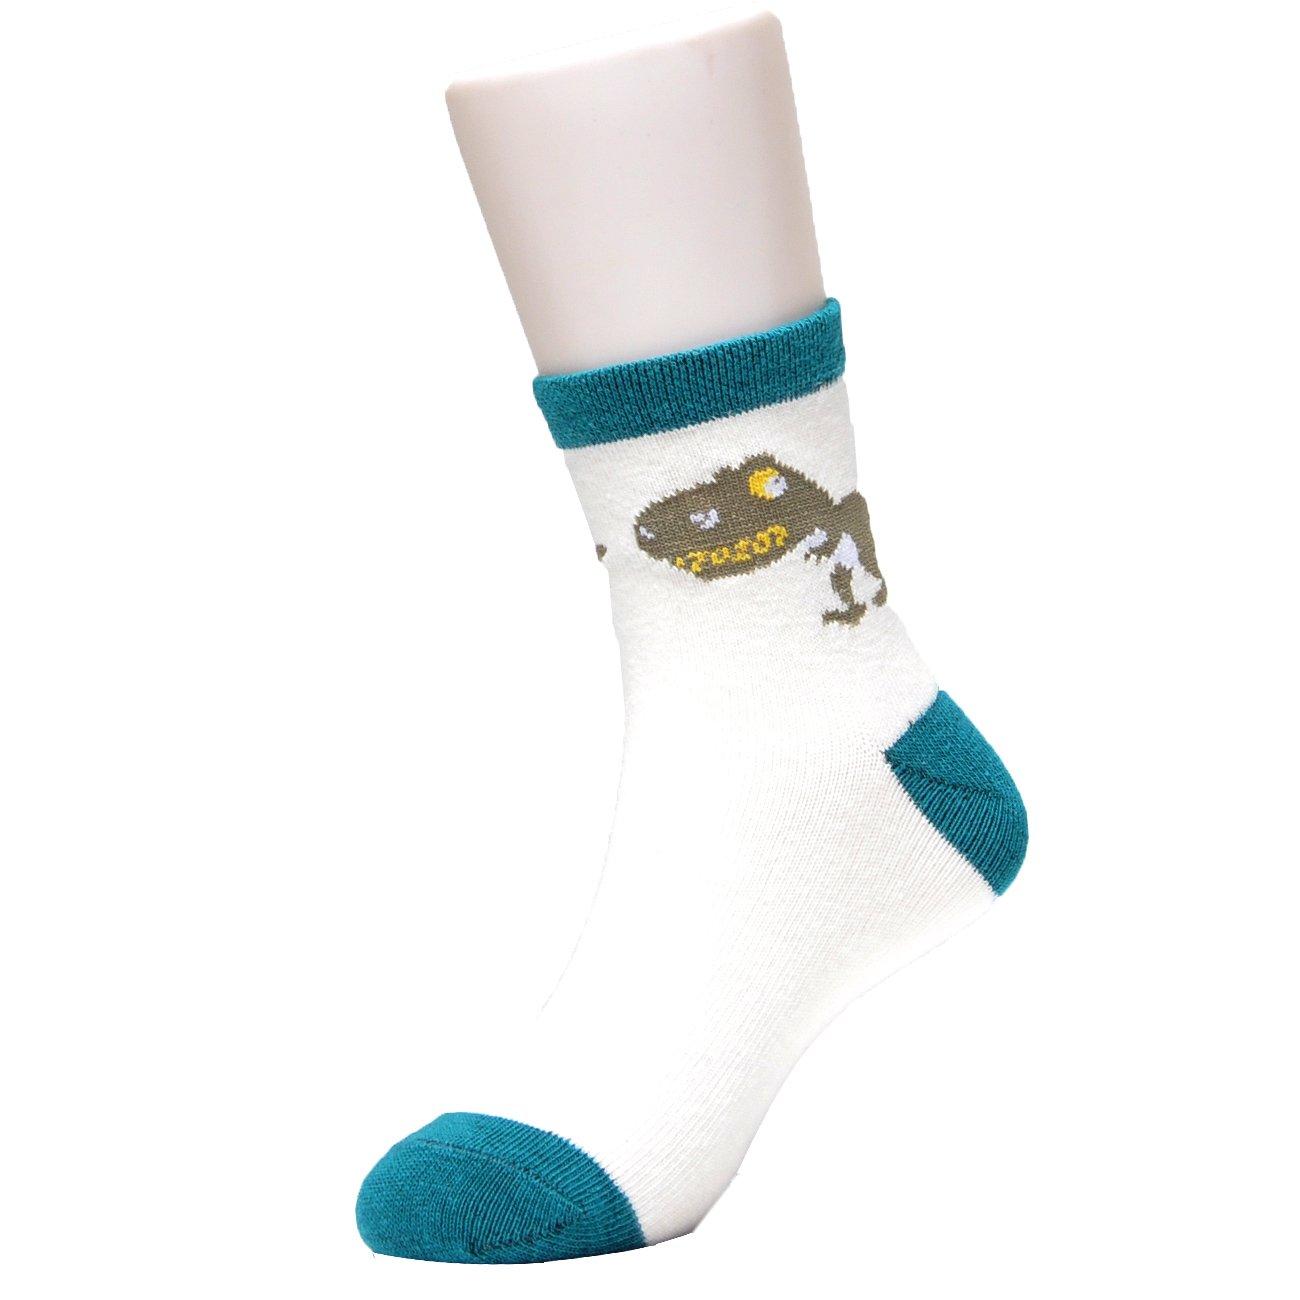 Epeius Kids Boys Cotton Fashion Fun Crew Socks